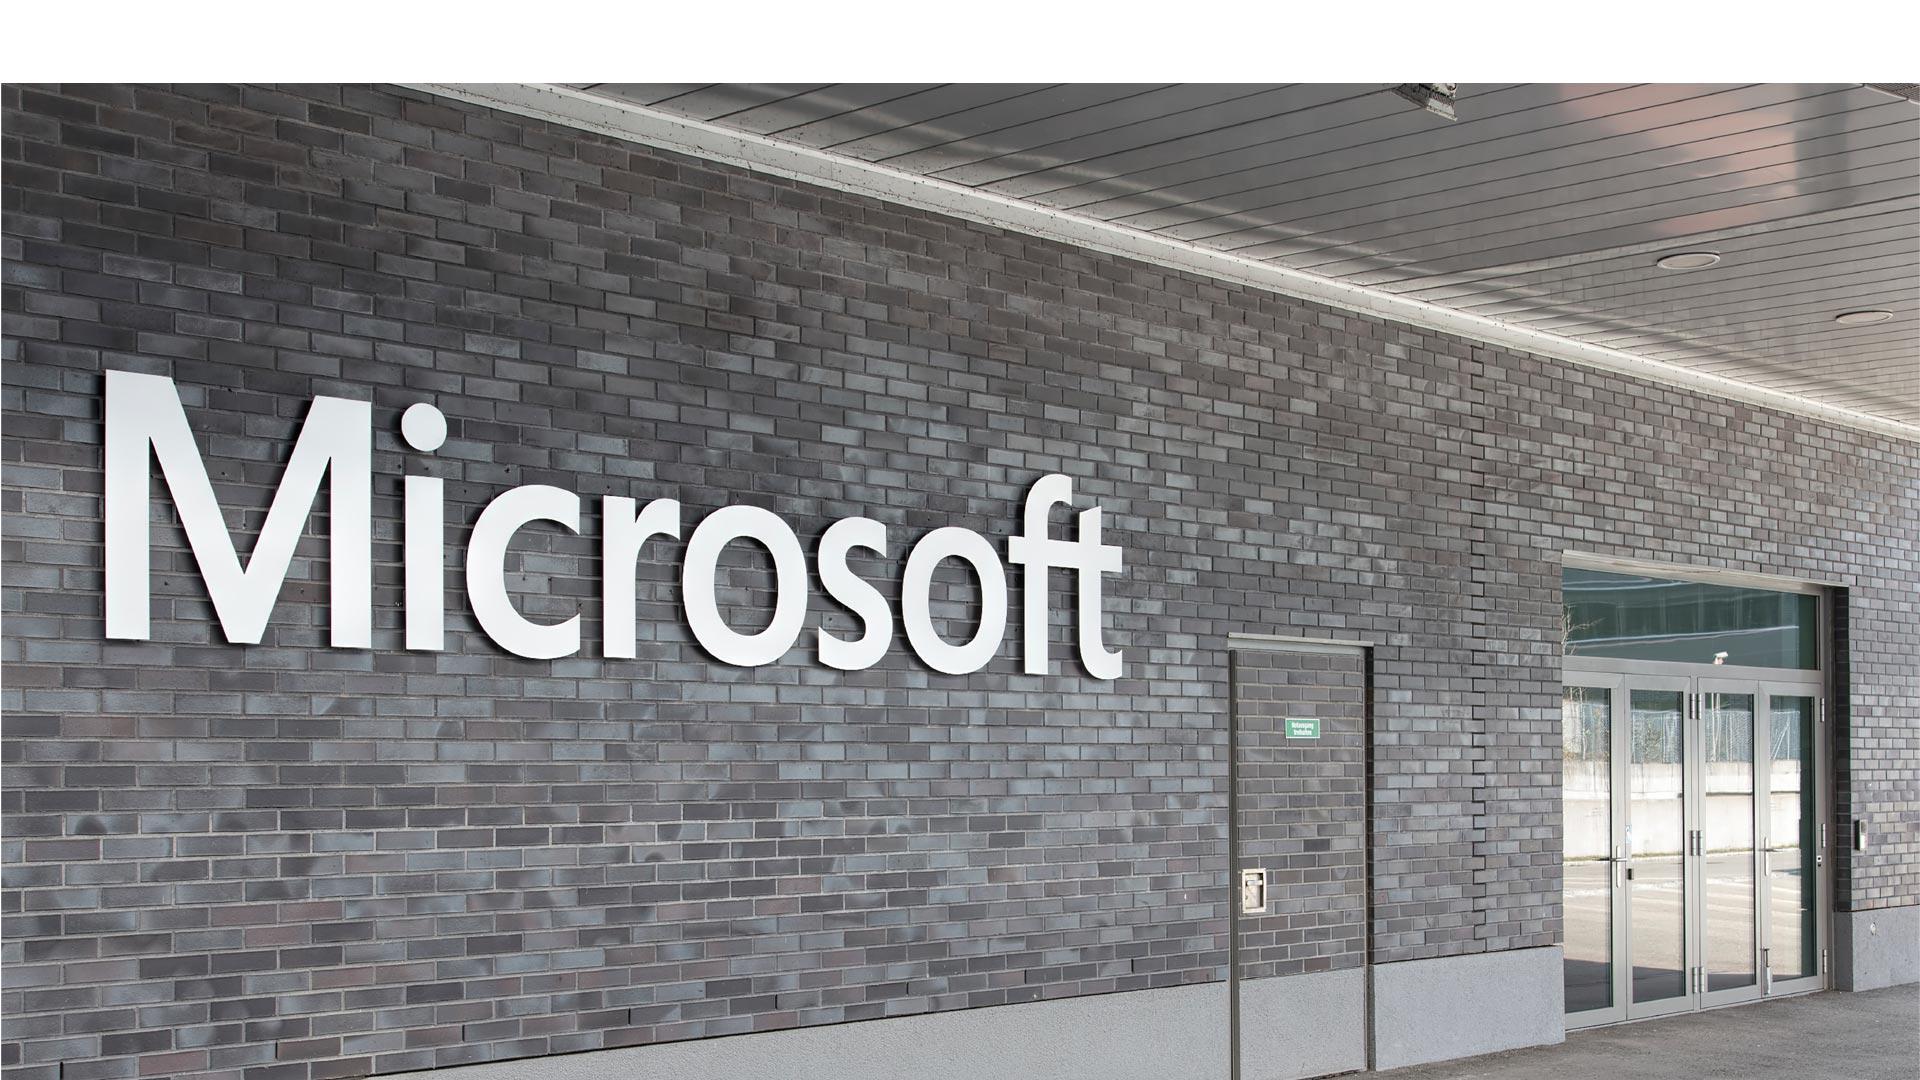 La empresa registró multimillonarias pérdidas luego de comprar Nokia